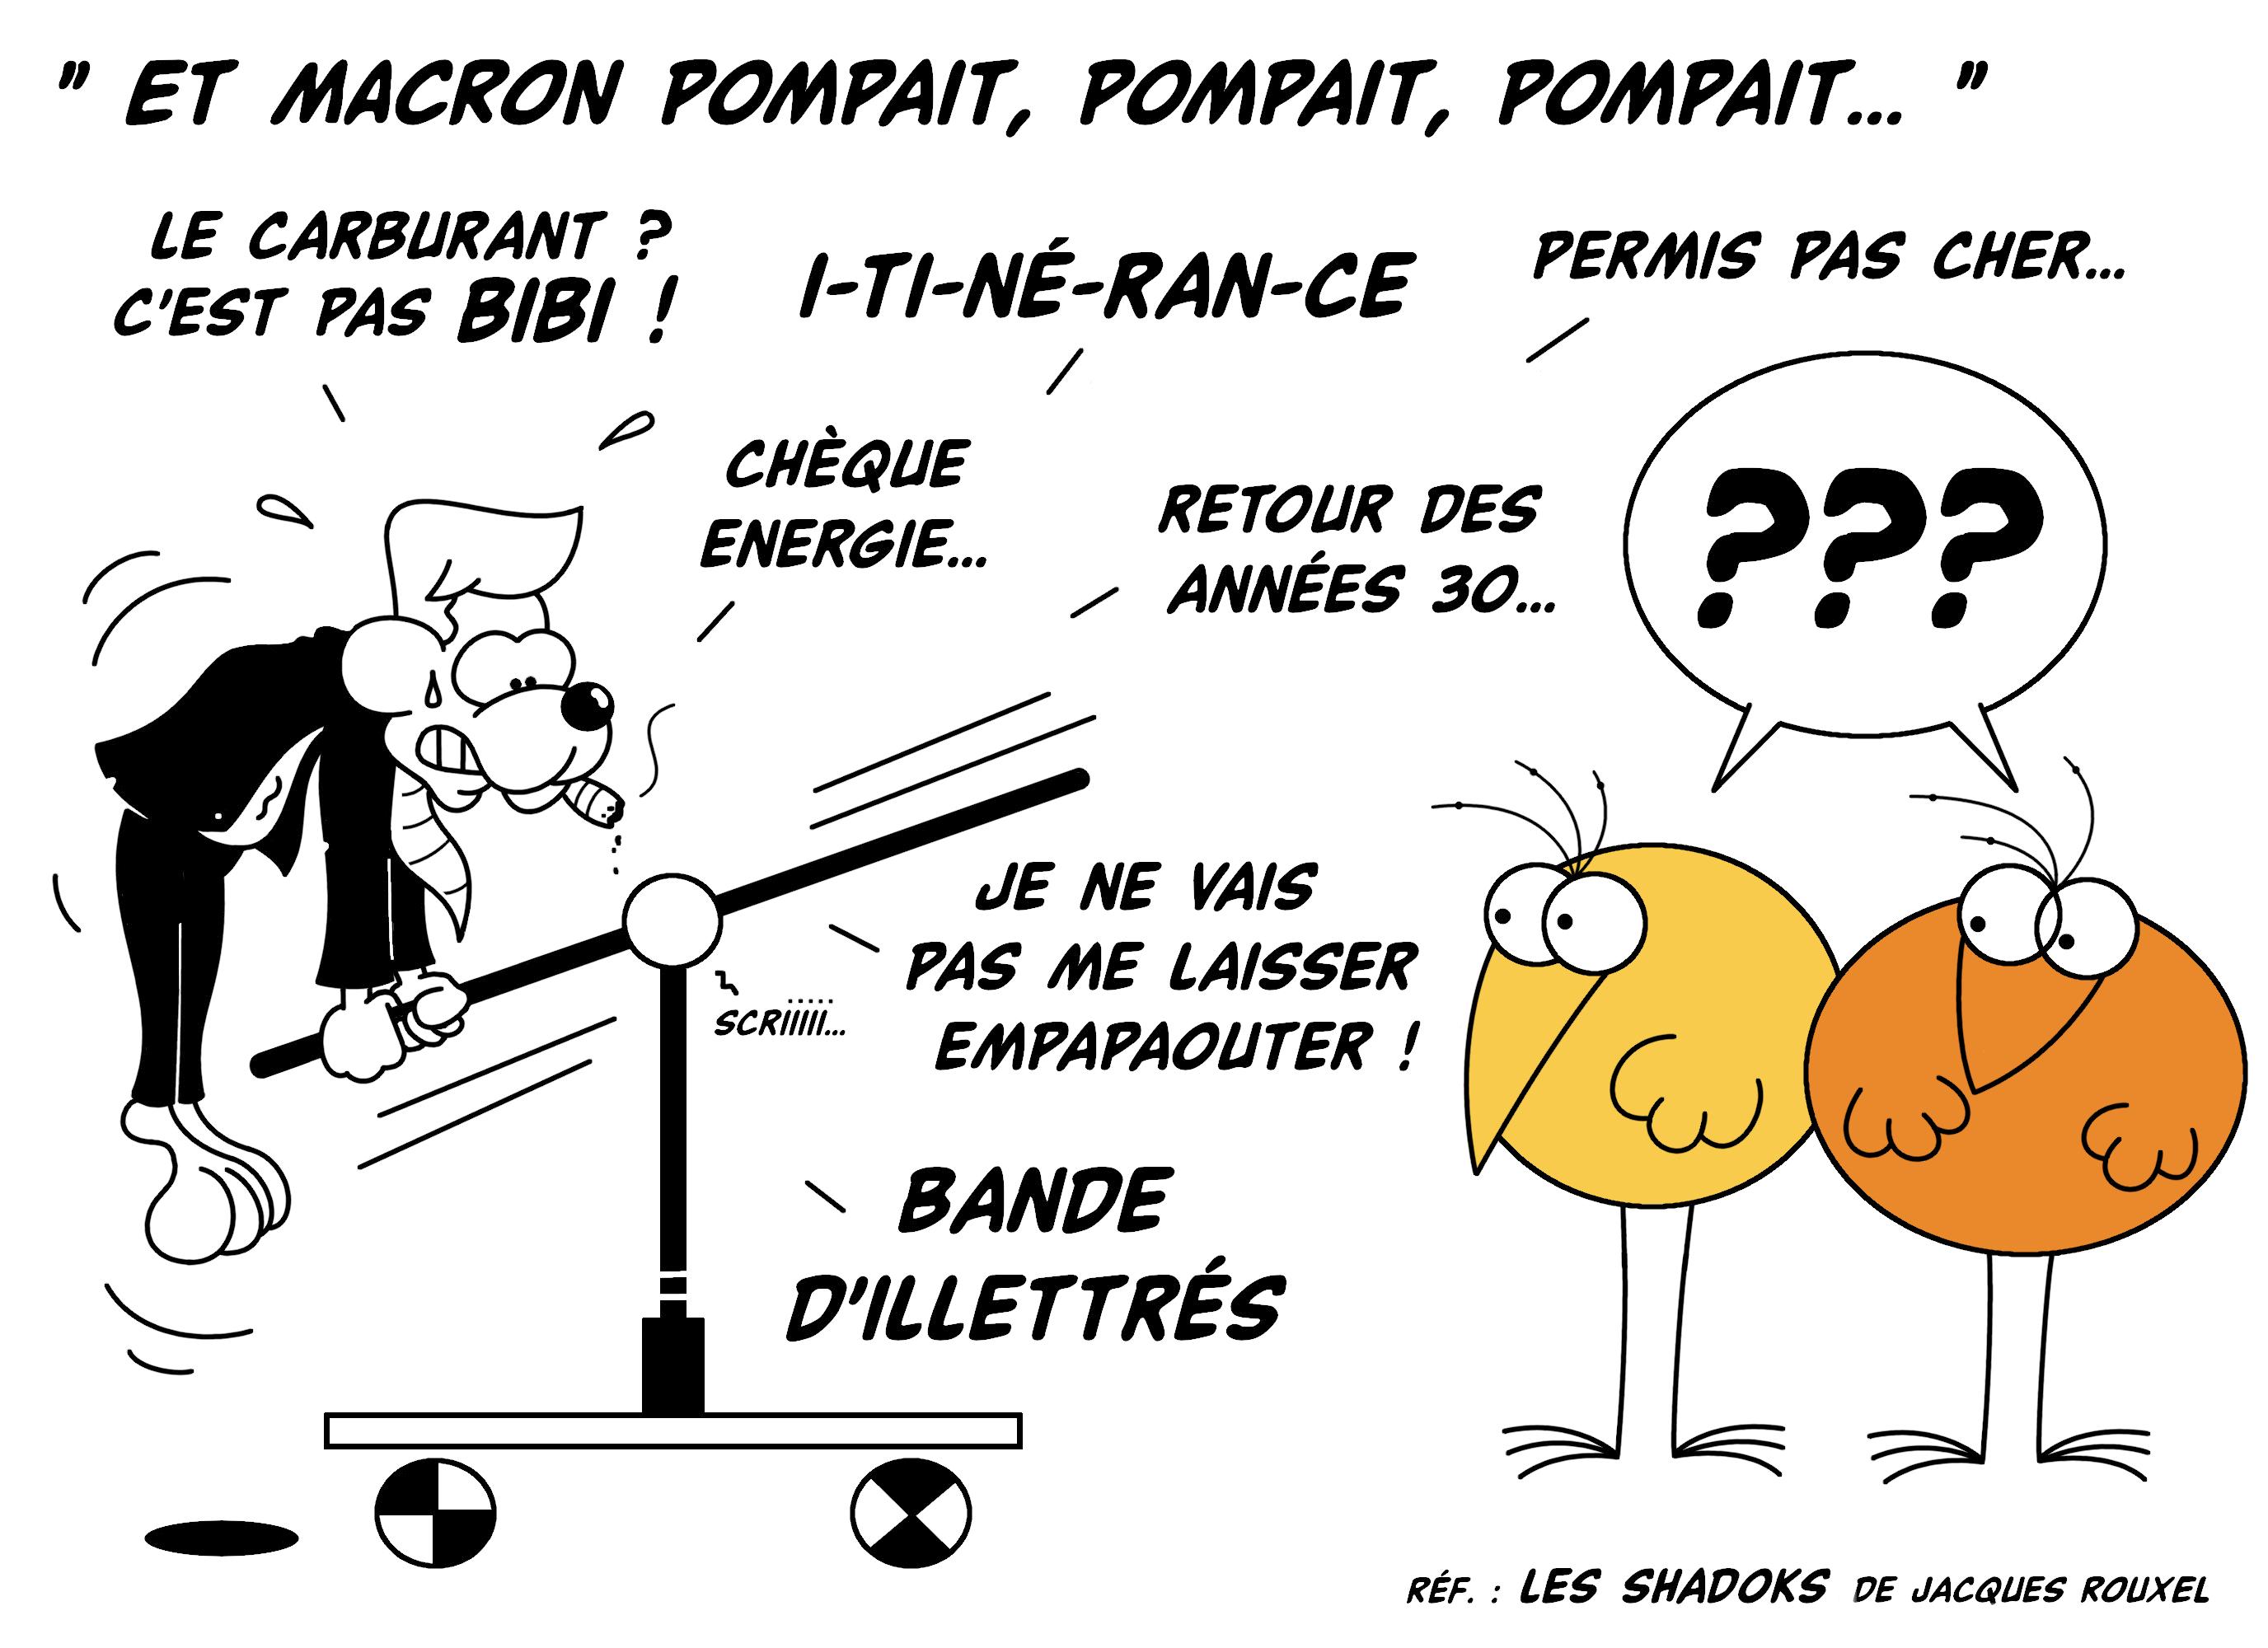 Dessin Et Macron pompait... de Chag